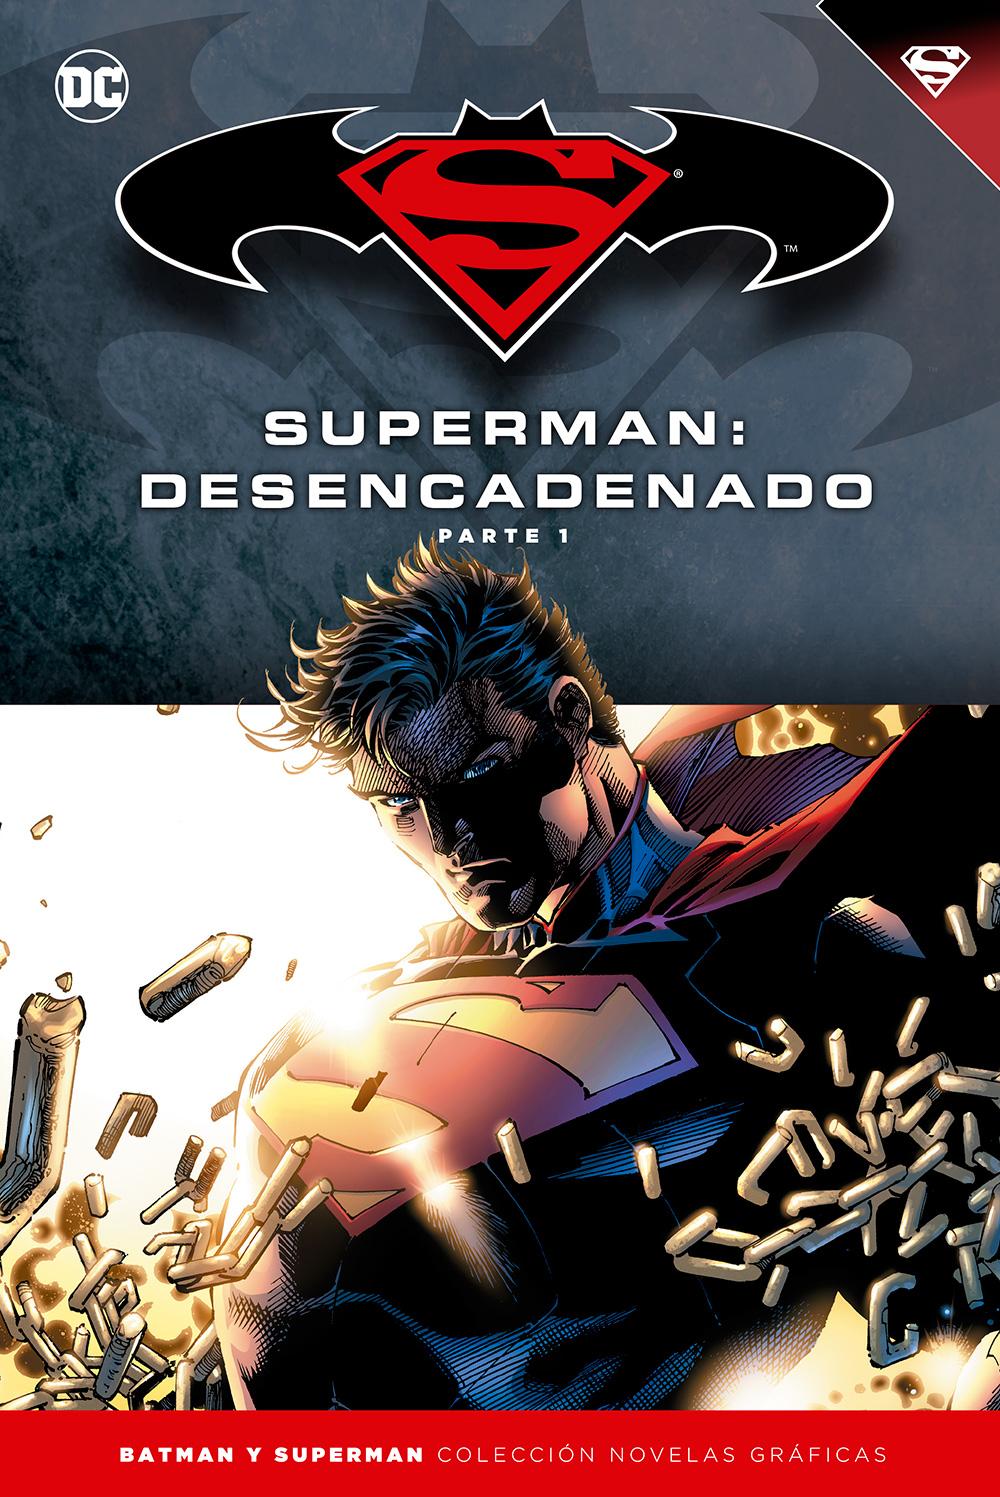 [DC - Salvat] Batman y Superman: Colección Novelas Gráficas - Página 6 Portada_BMSM_14_Superman_Desencadenado_1